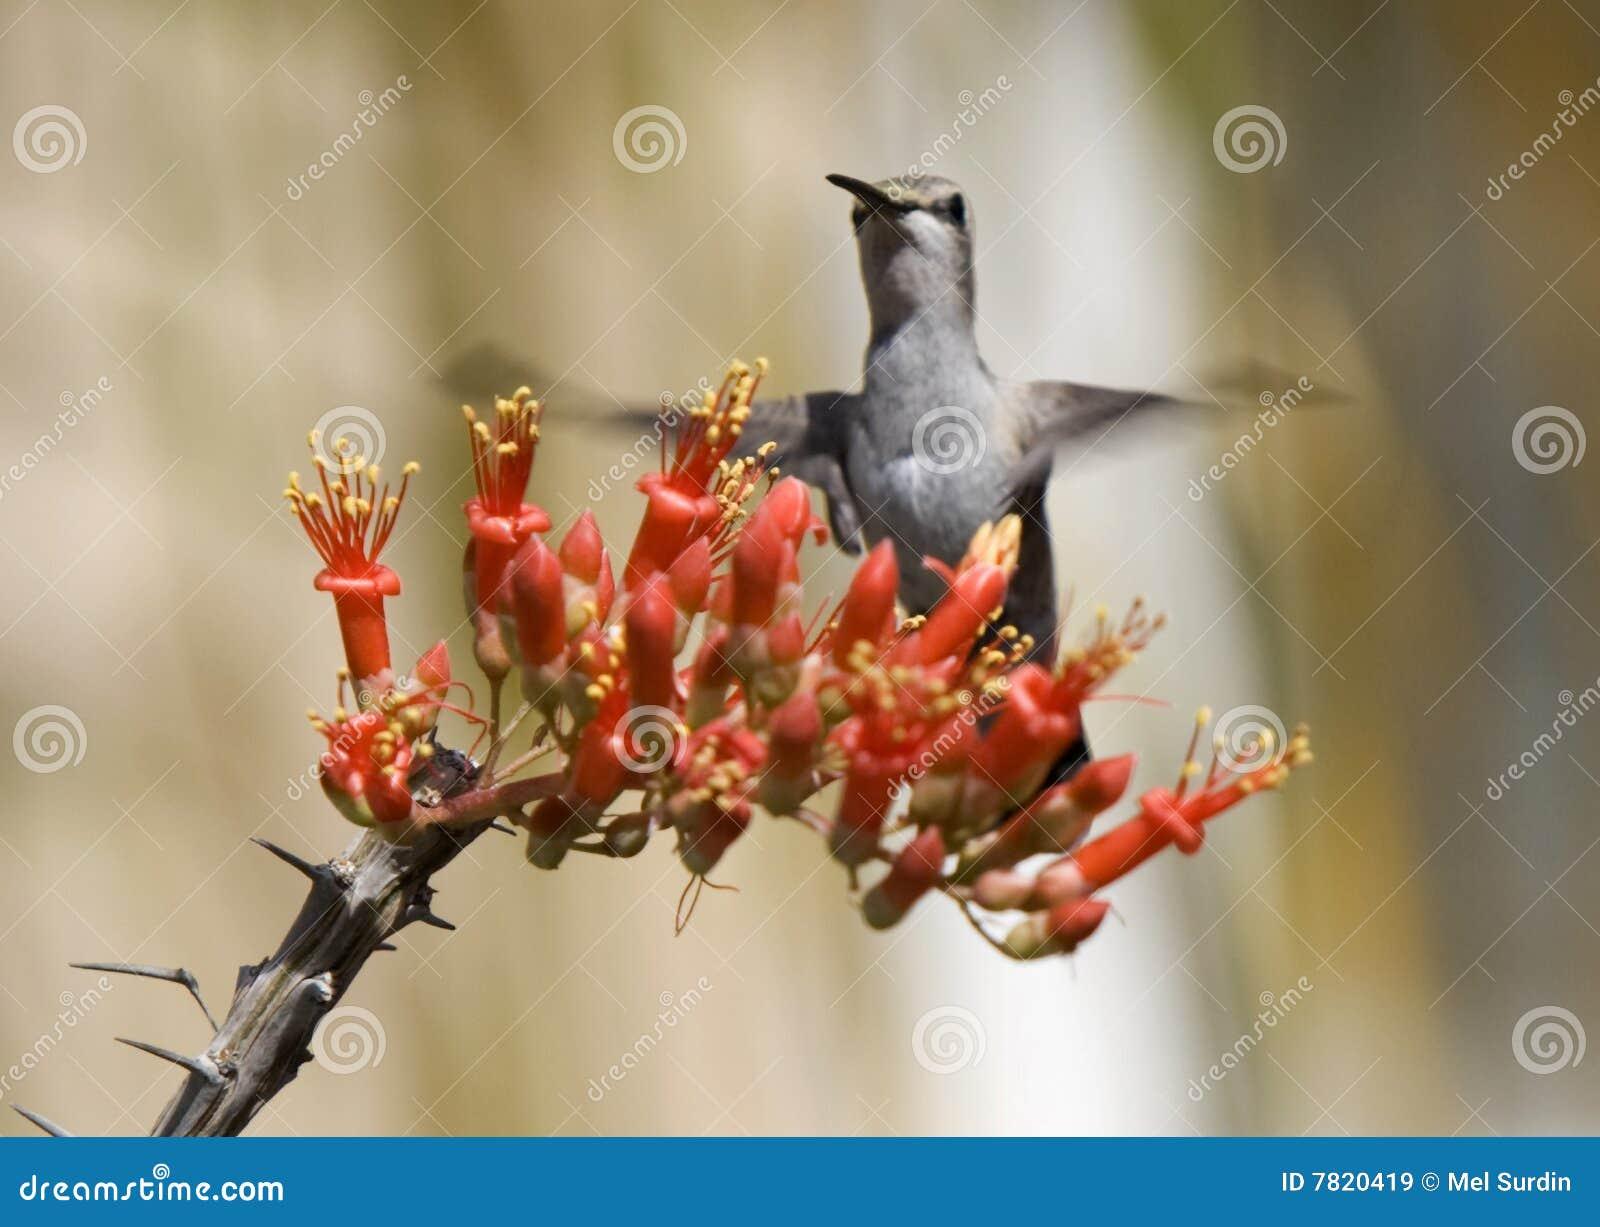 Hummingbird Ocotillo Blossom